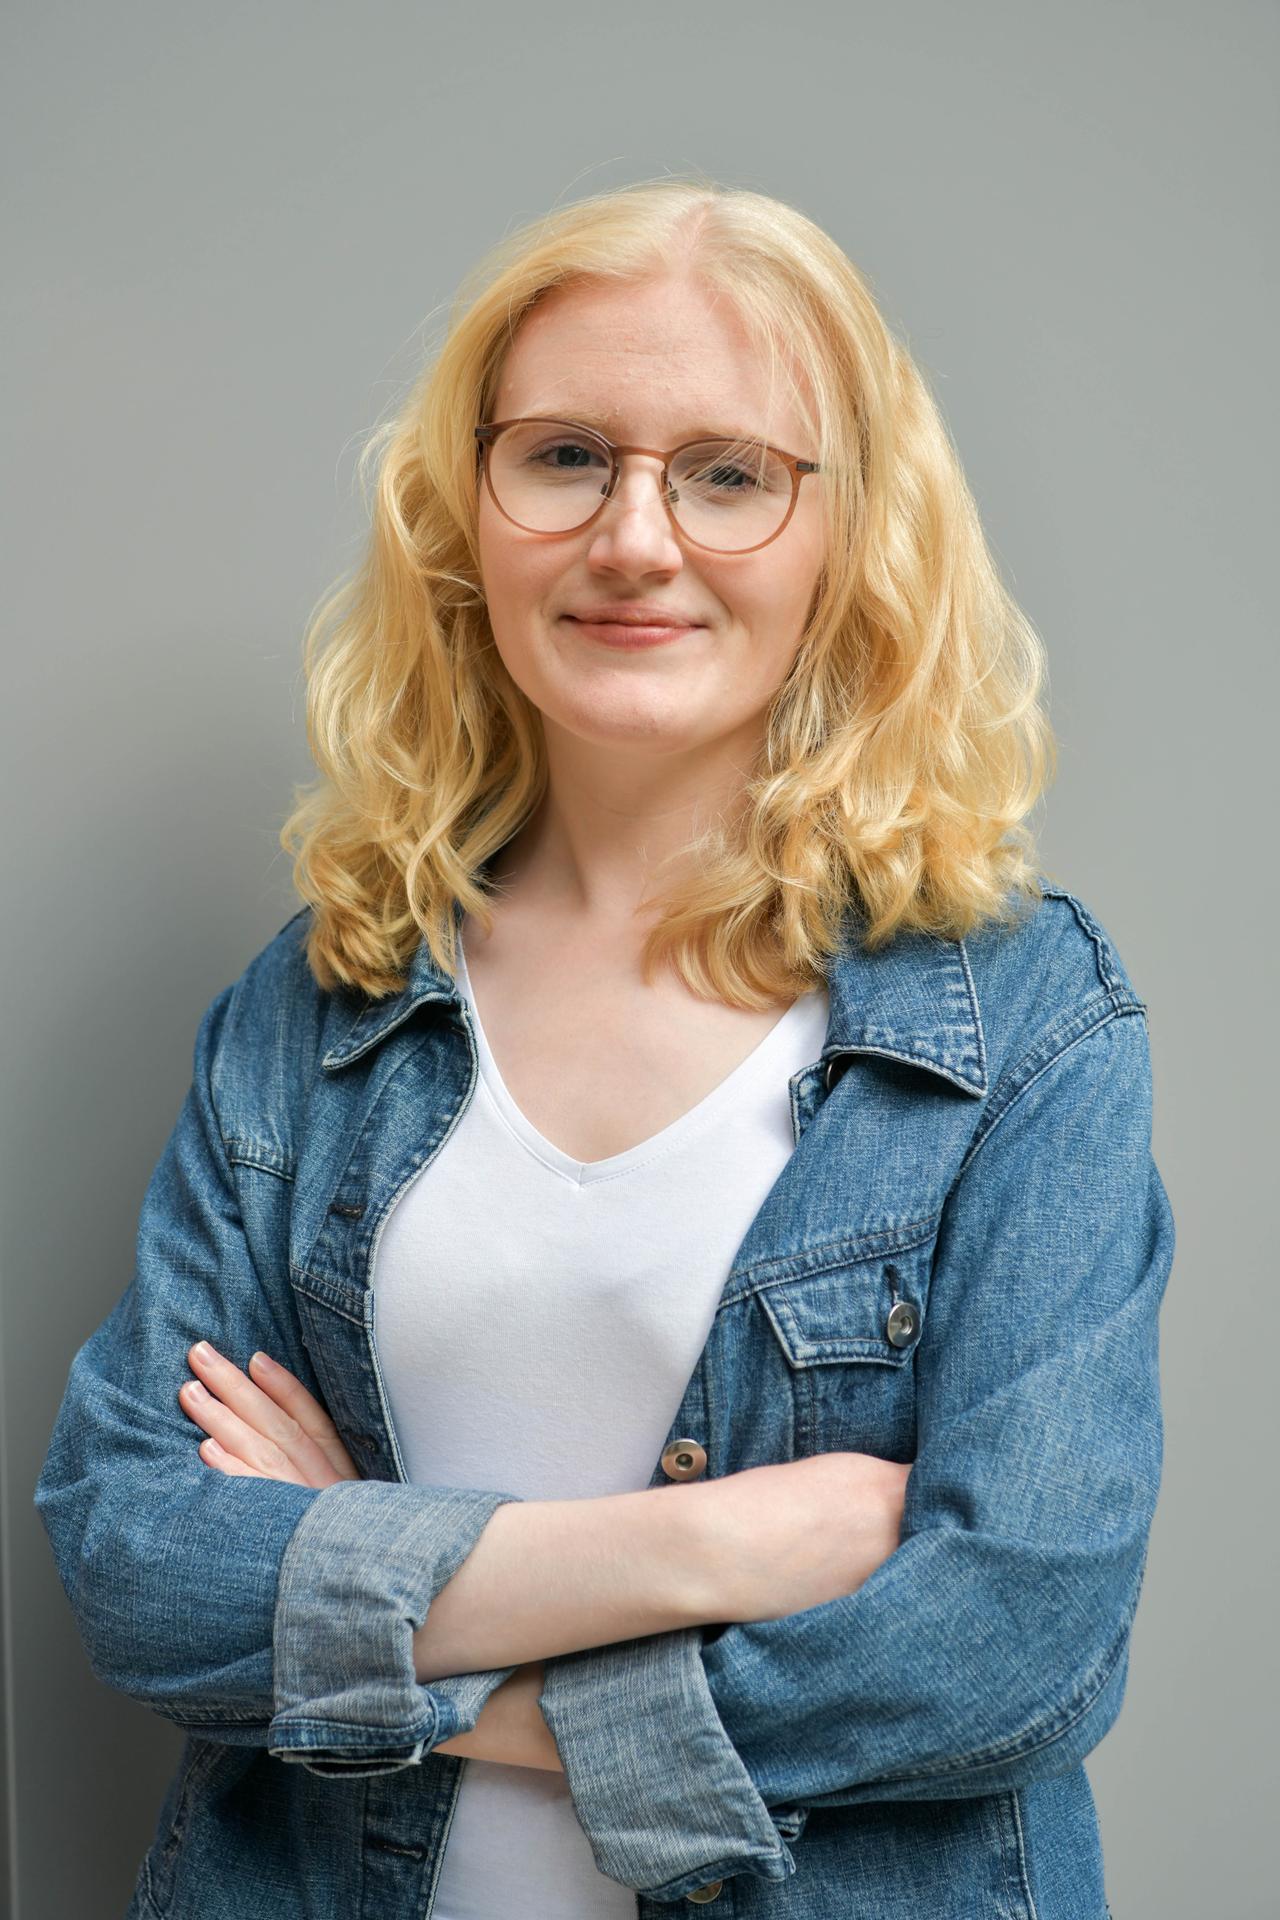 Ann-Christin Busch